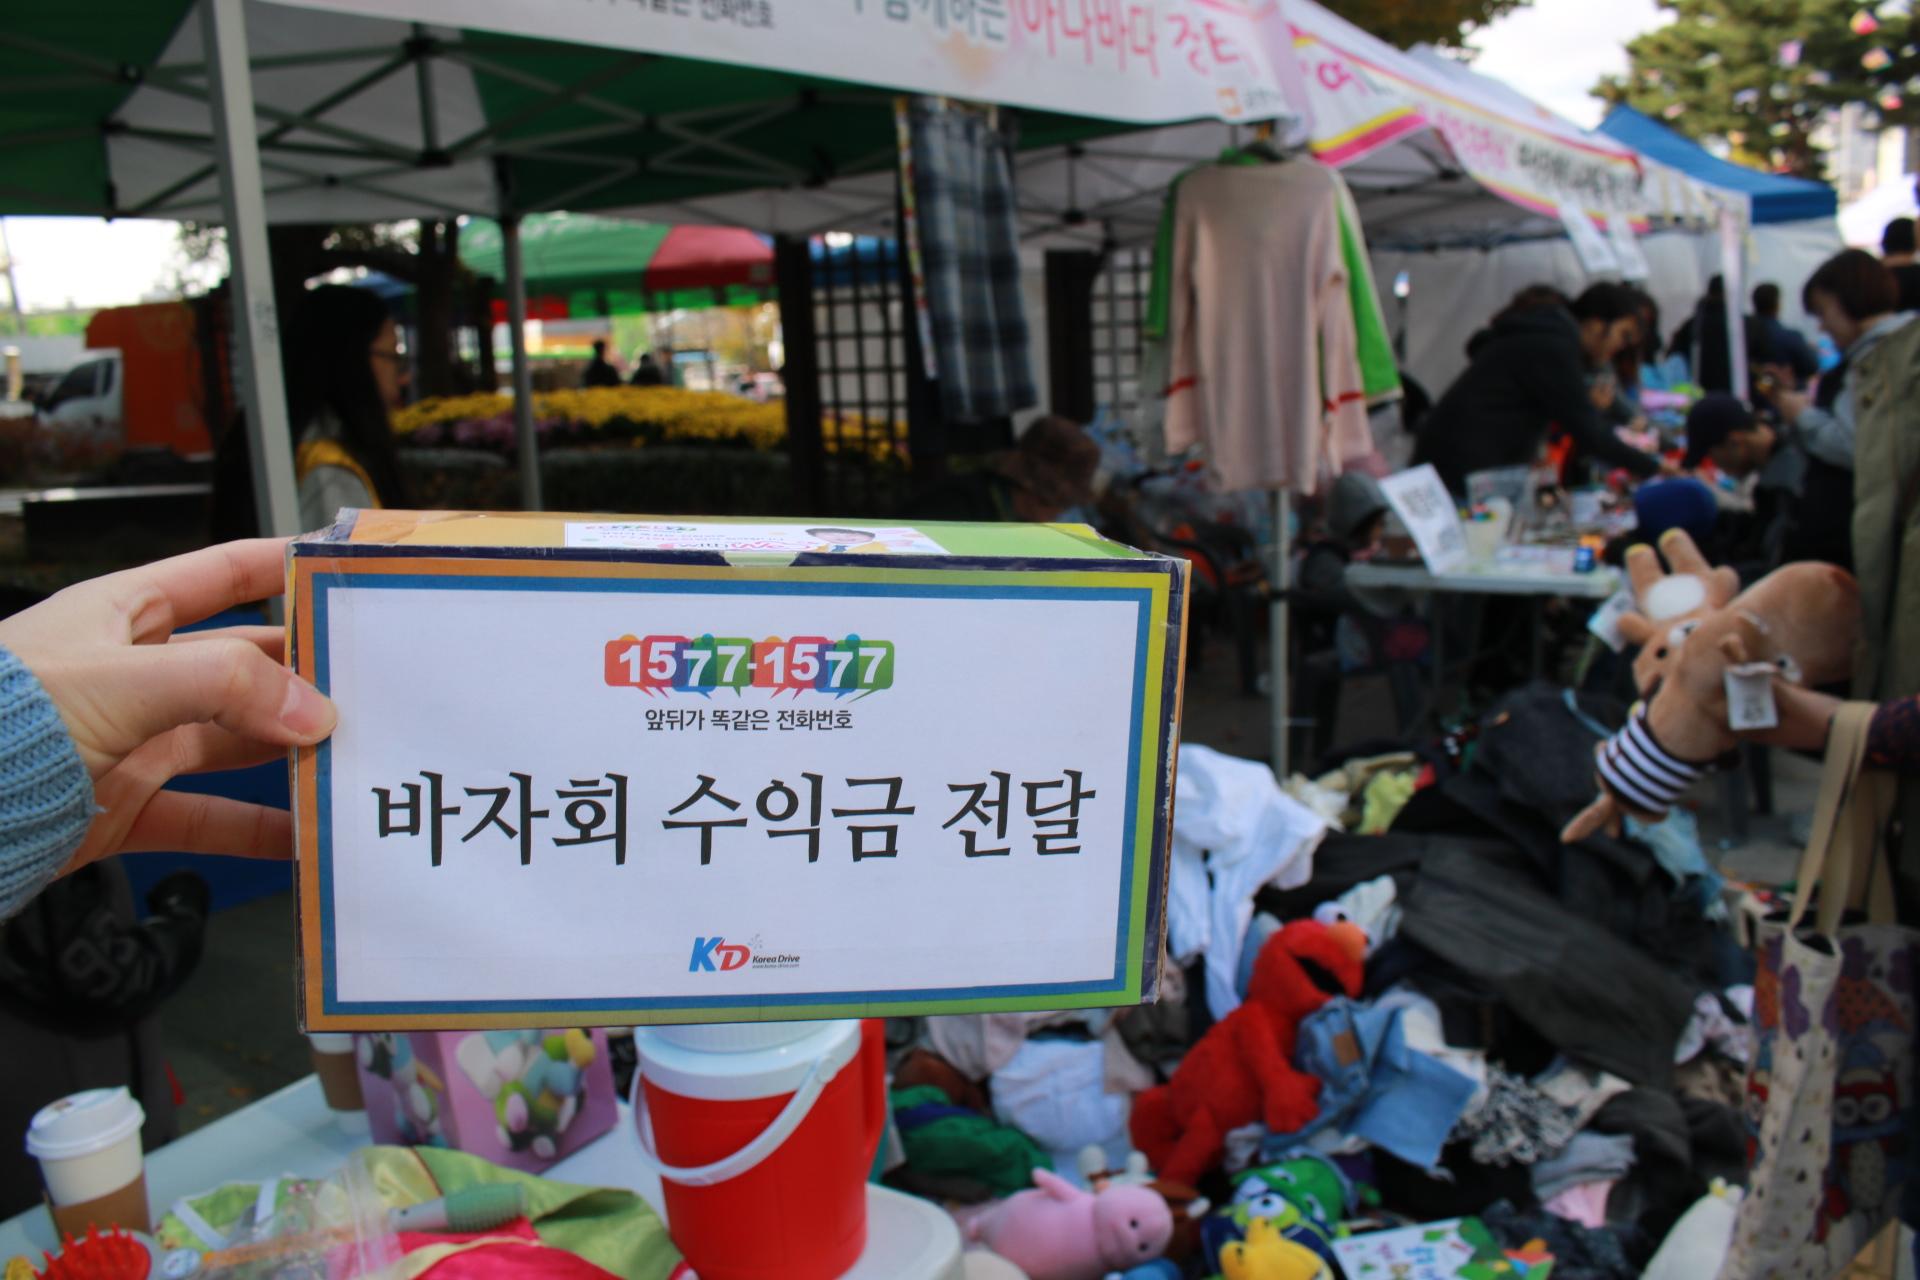 코리아드라이브, 바자회 수익금 전액 기부